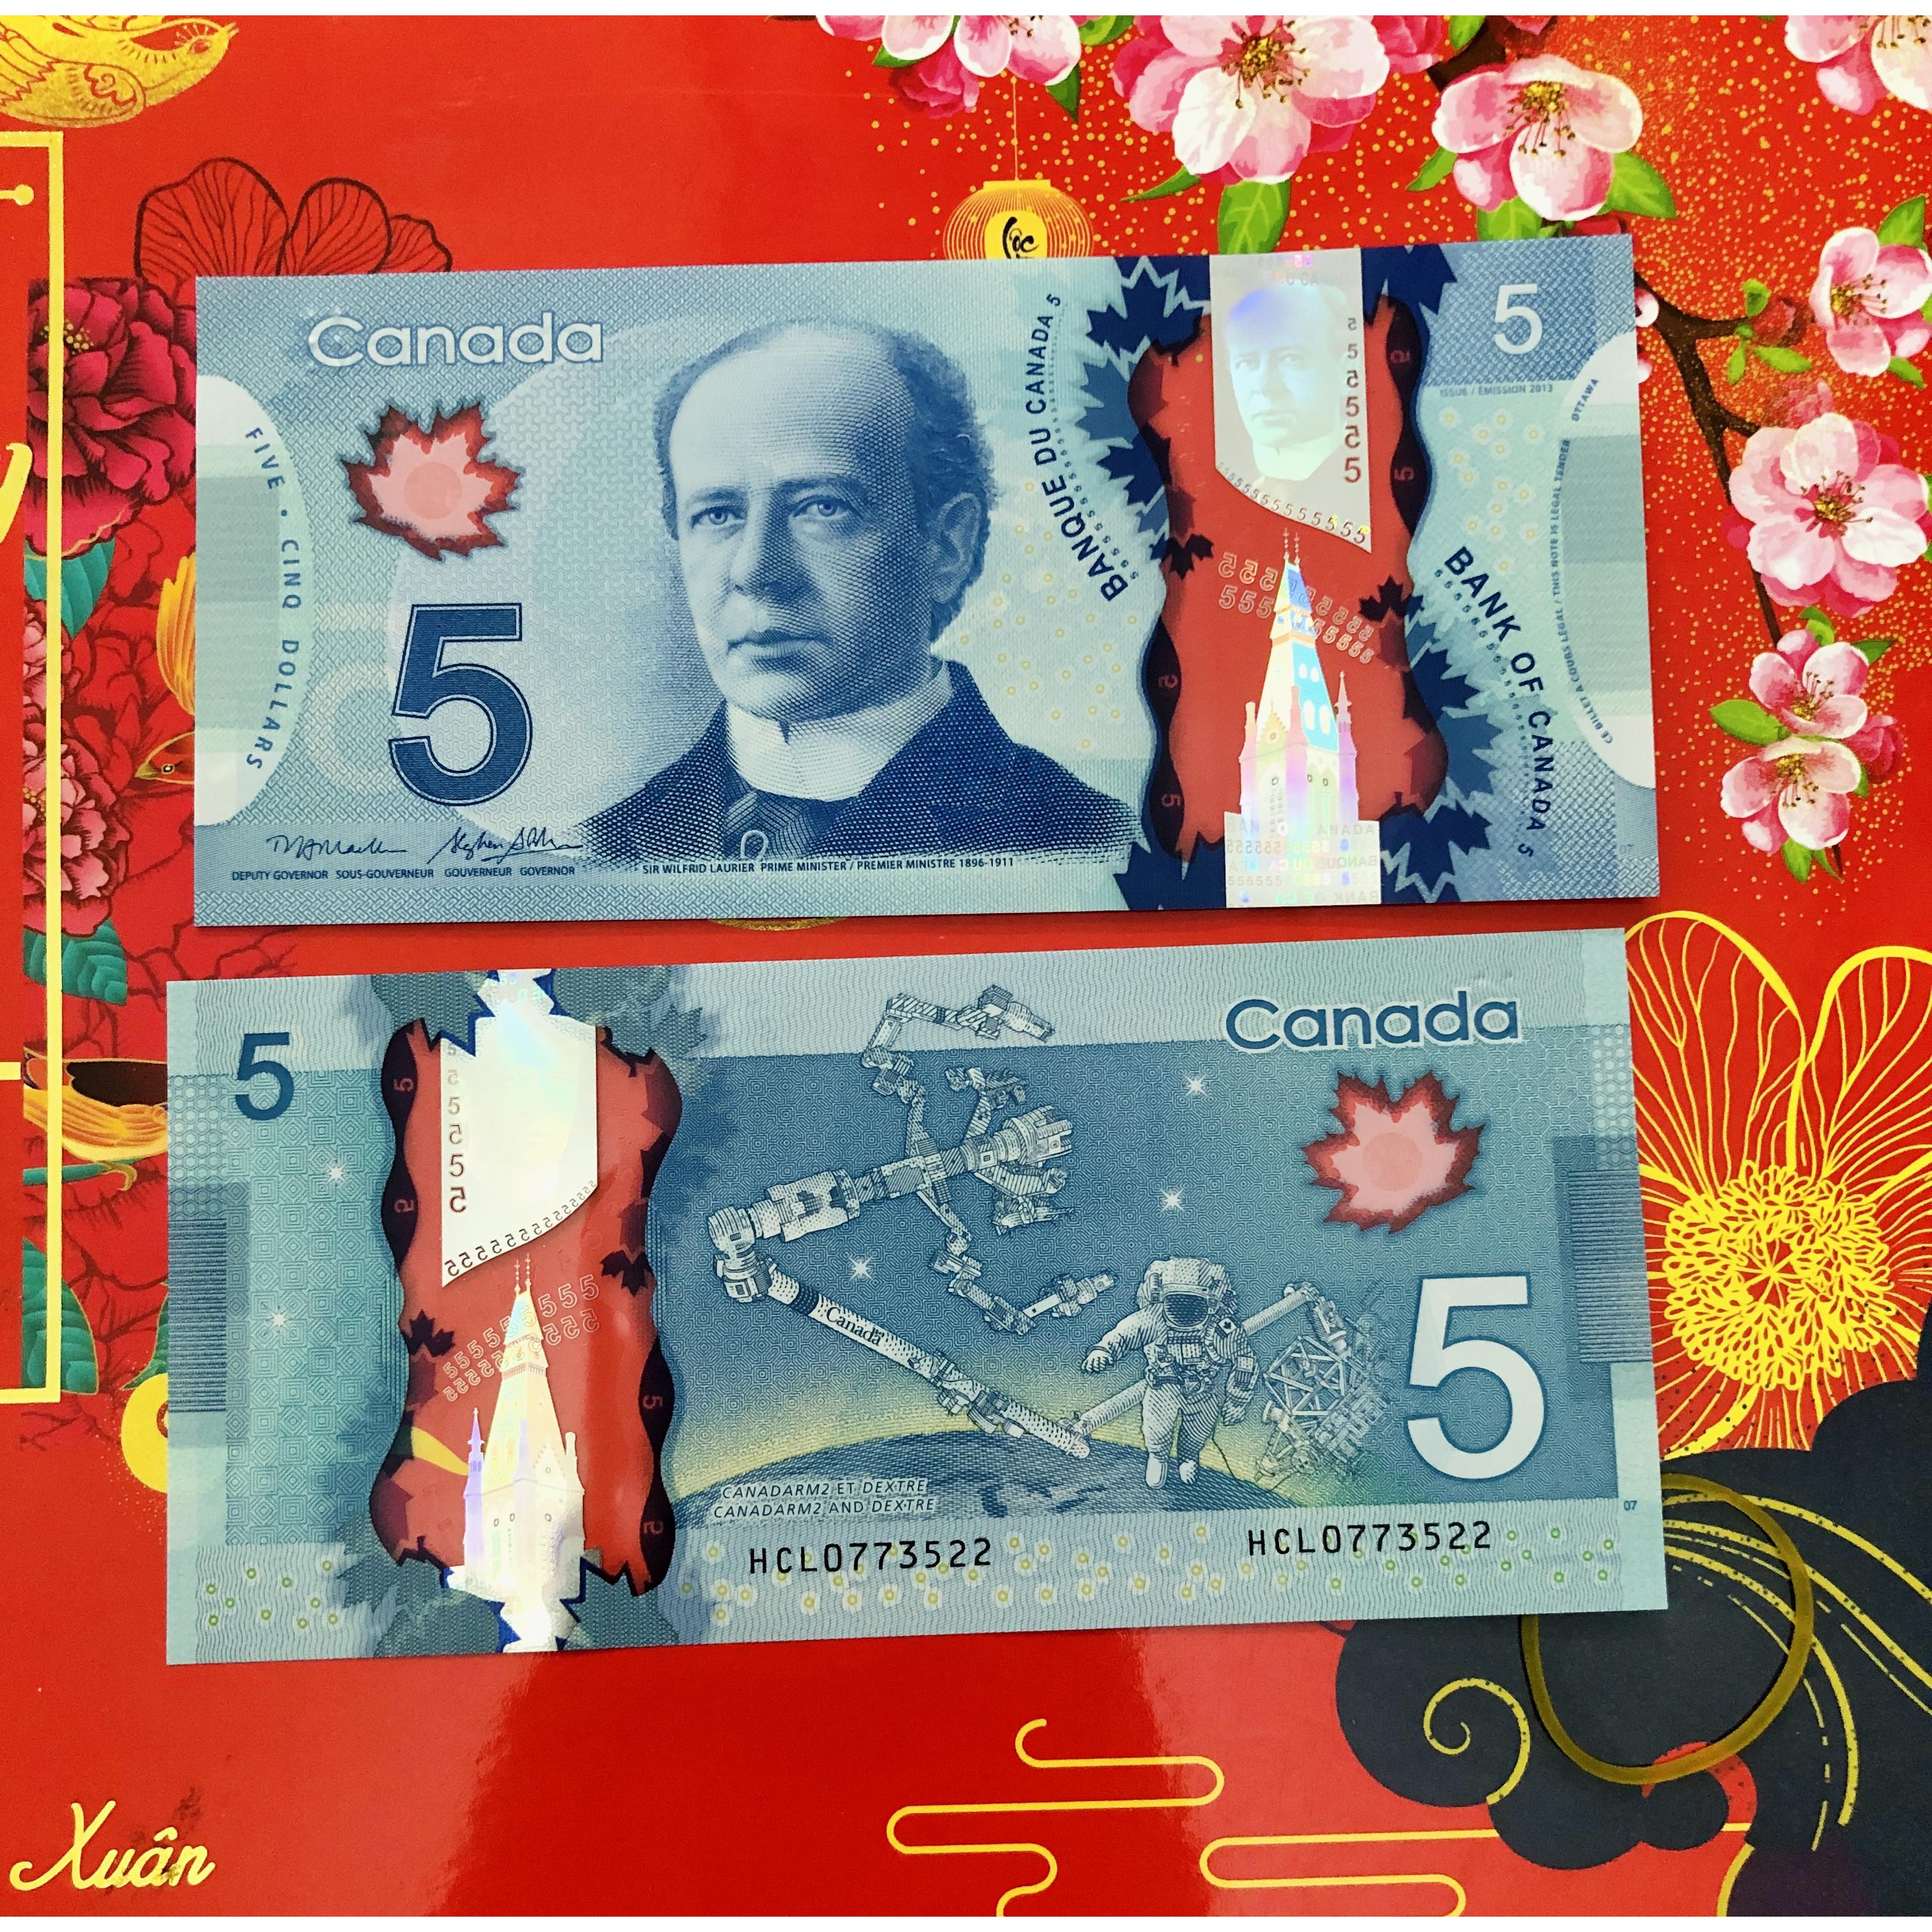 01 Tờ Tiền Canada 5 Dollar bằng polyme xưa sưu tầm, mới 100% UNC - kèm bao lì xì